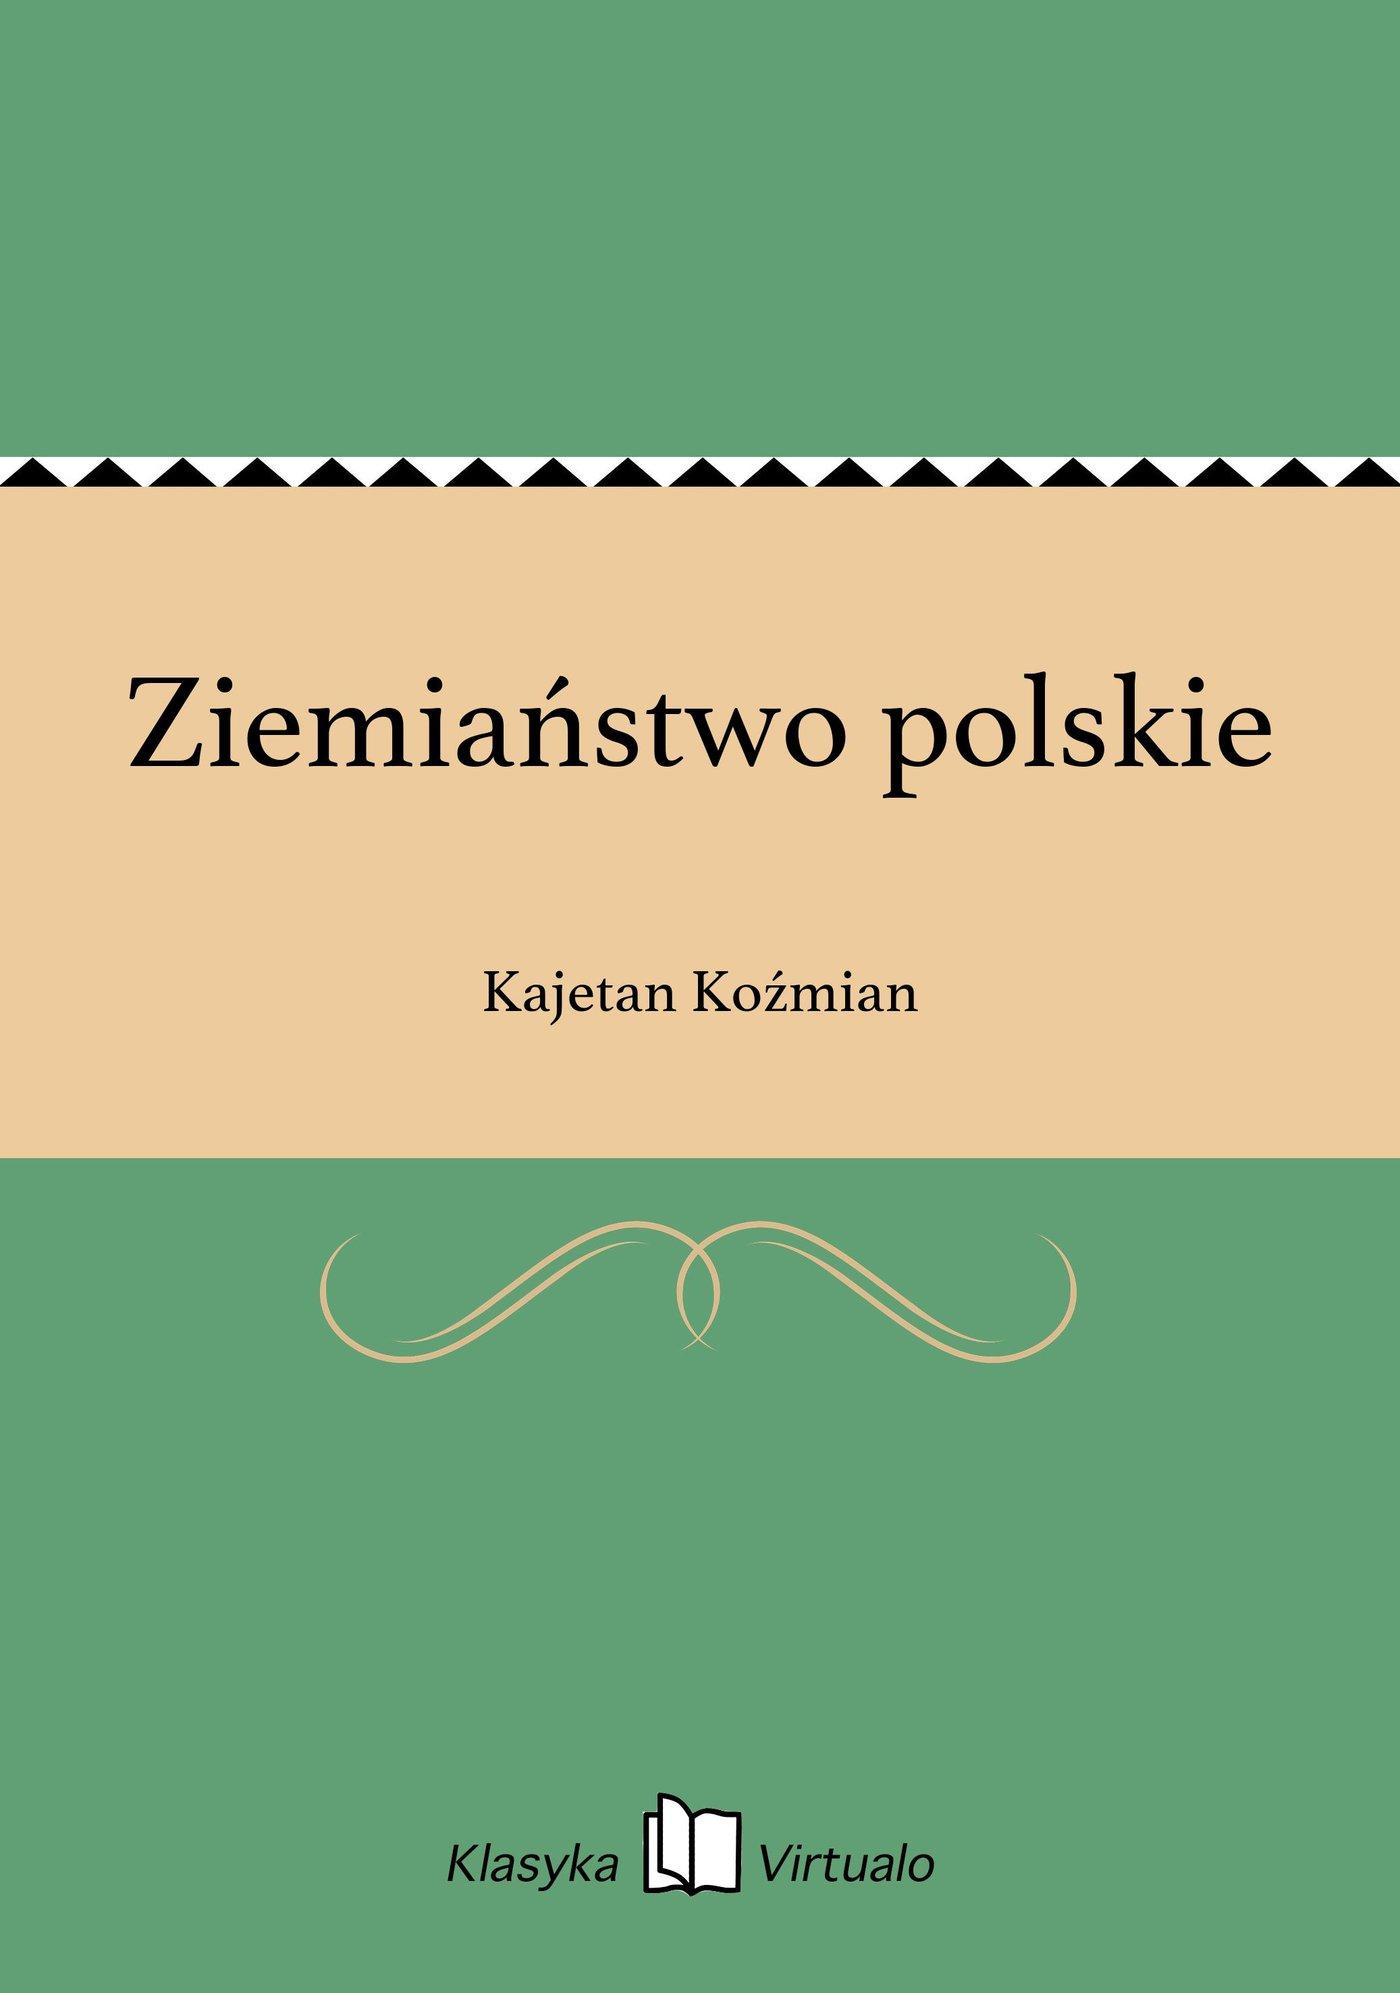 Ziemiaństwo polskie - Ebook (Książka EPUB) do pobrania w formacie EPUB